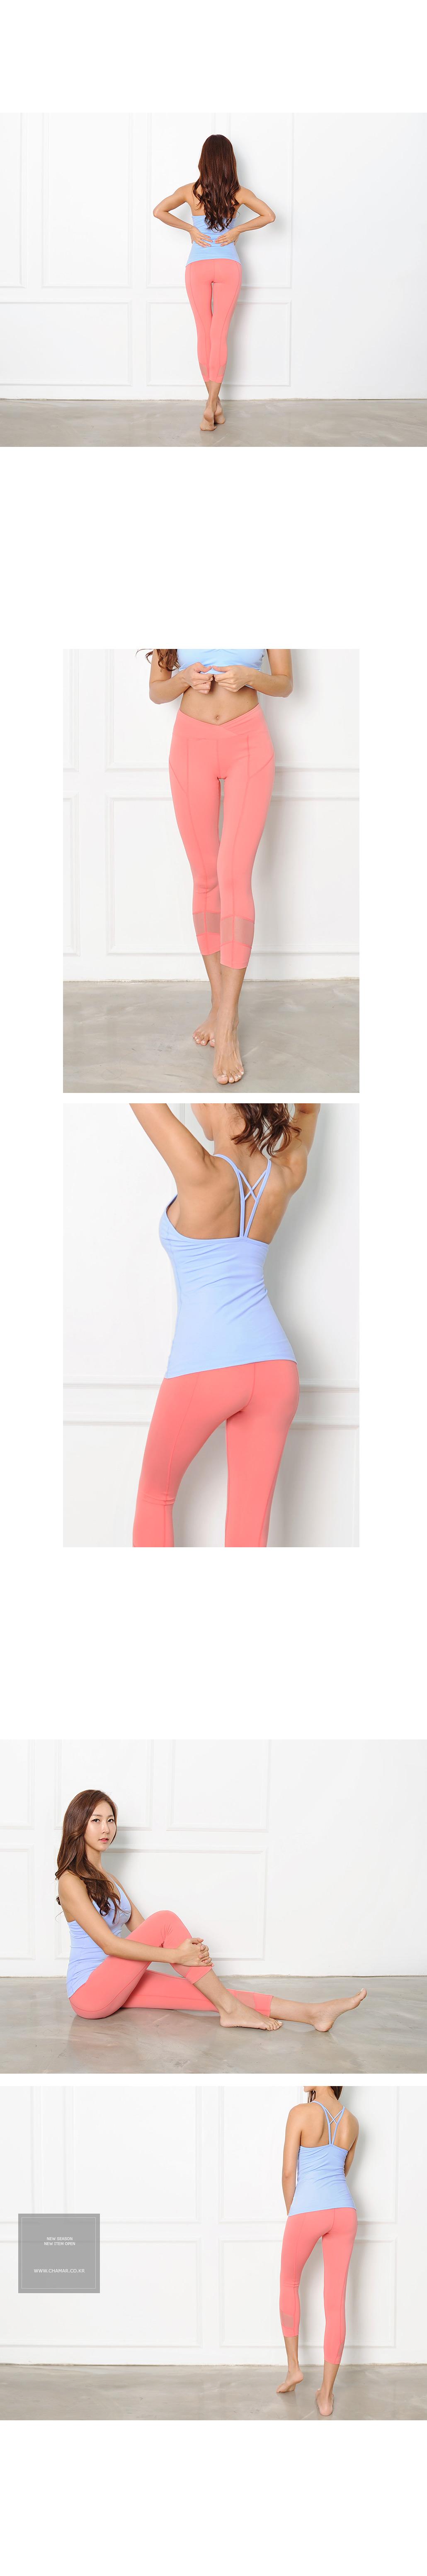 170707-womanpants-14-03.jpg